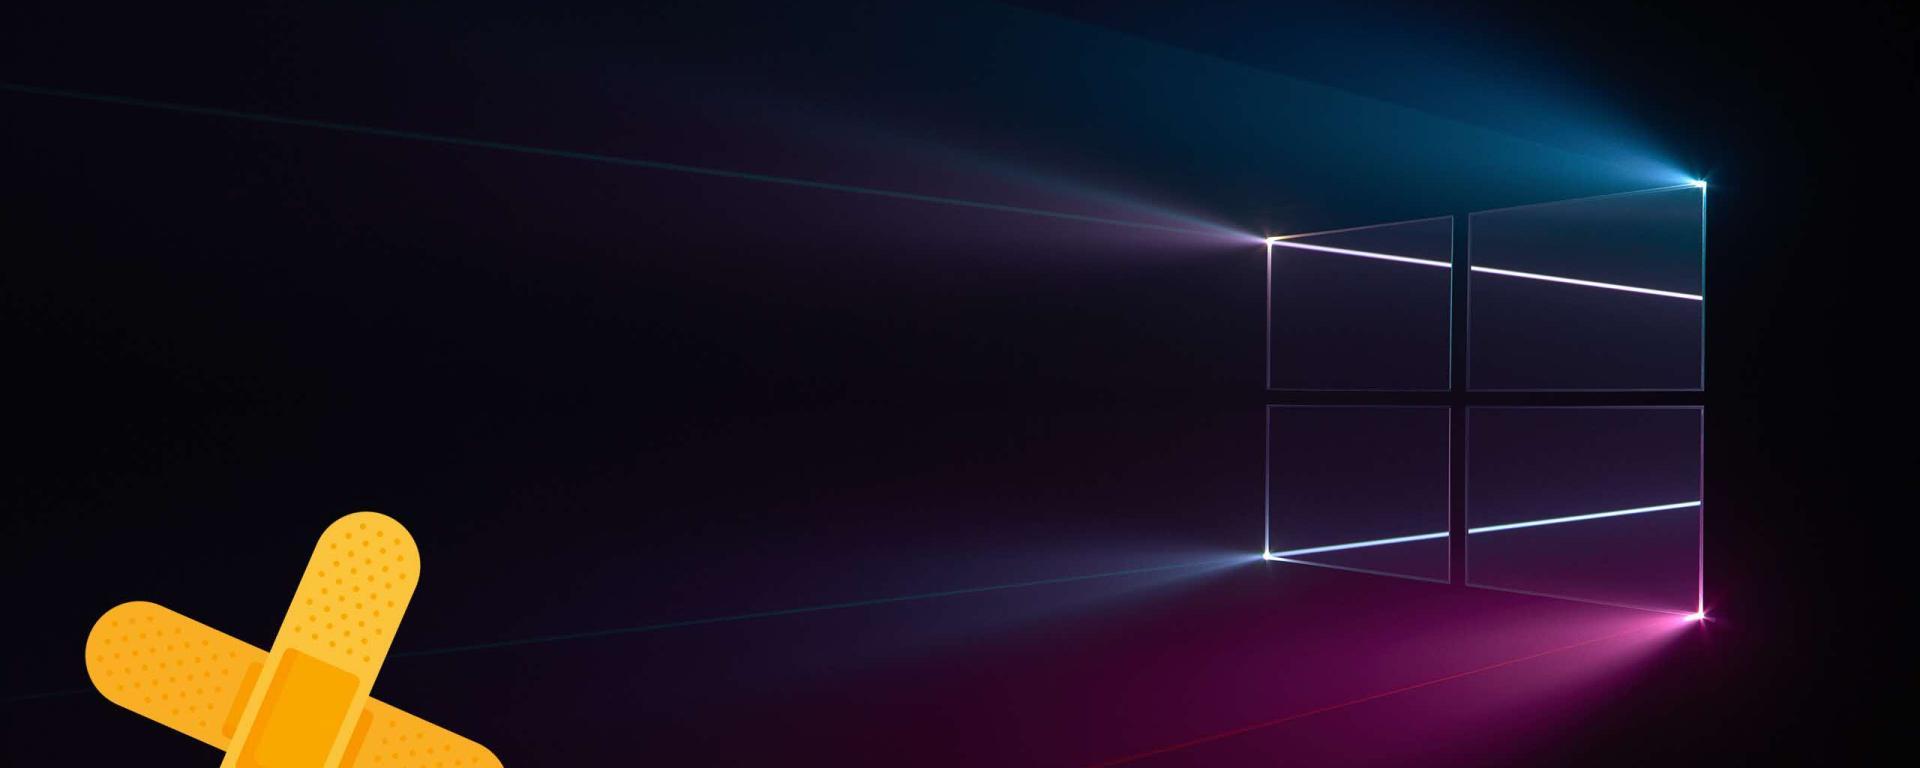 Parches de Microsoft en Julio, 1 ataque activo y 6 vulnerabilidades reveladas